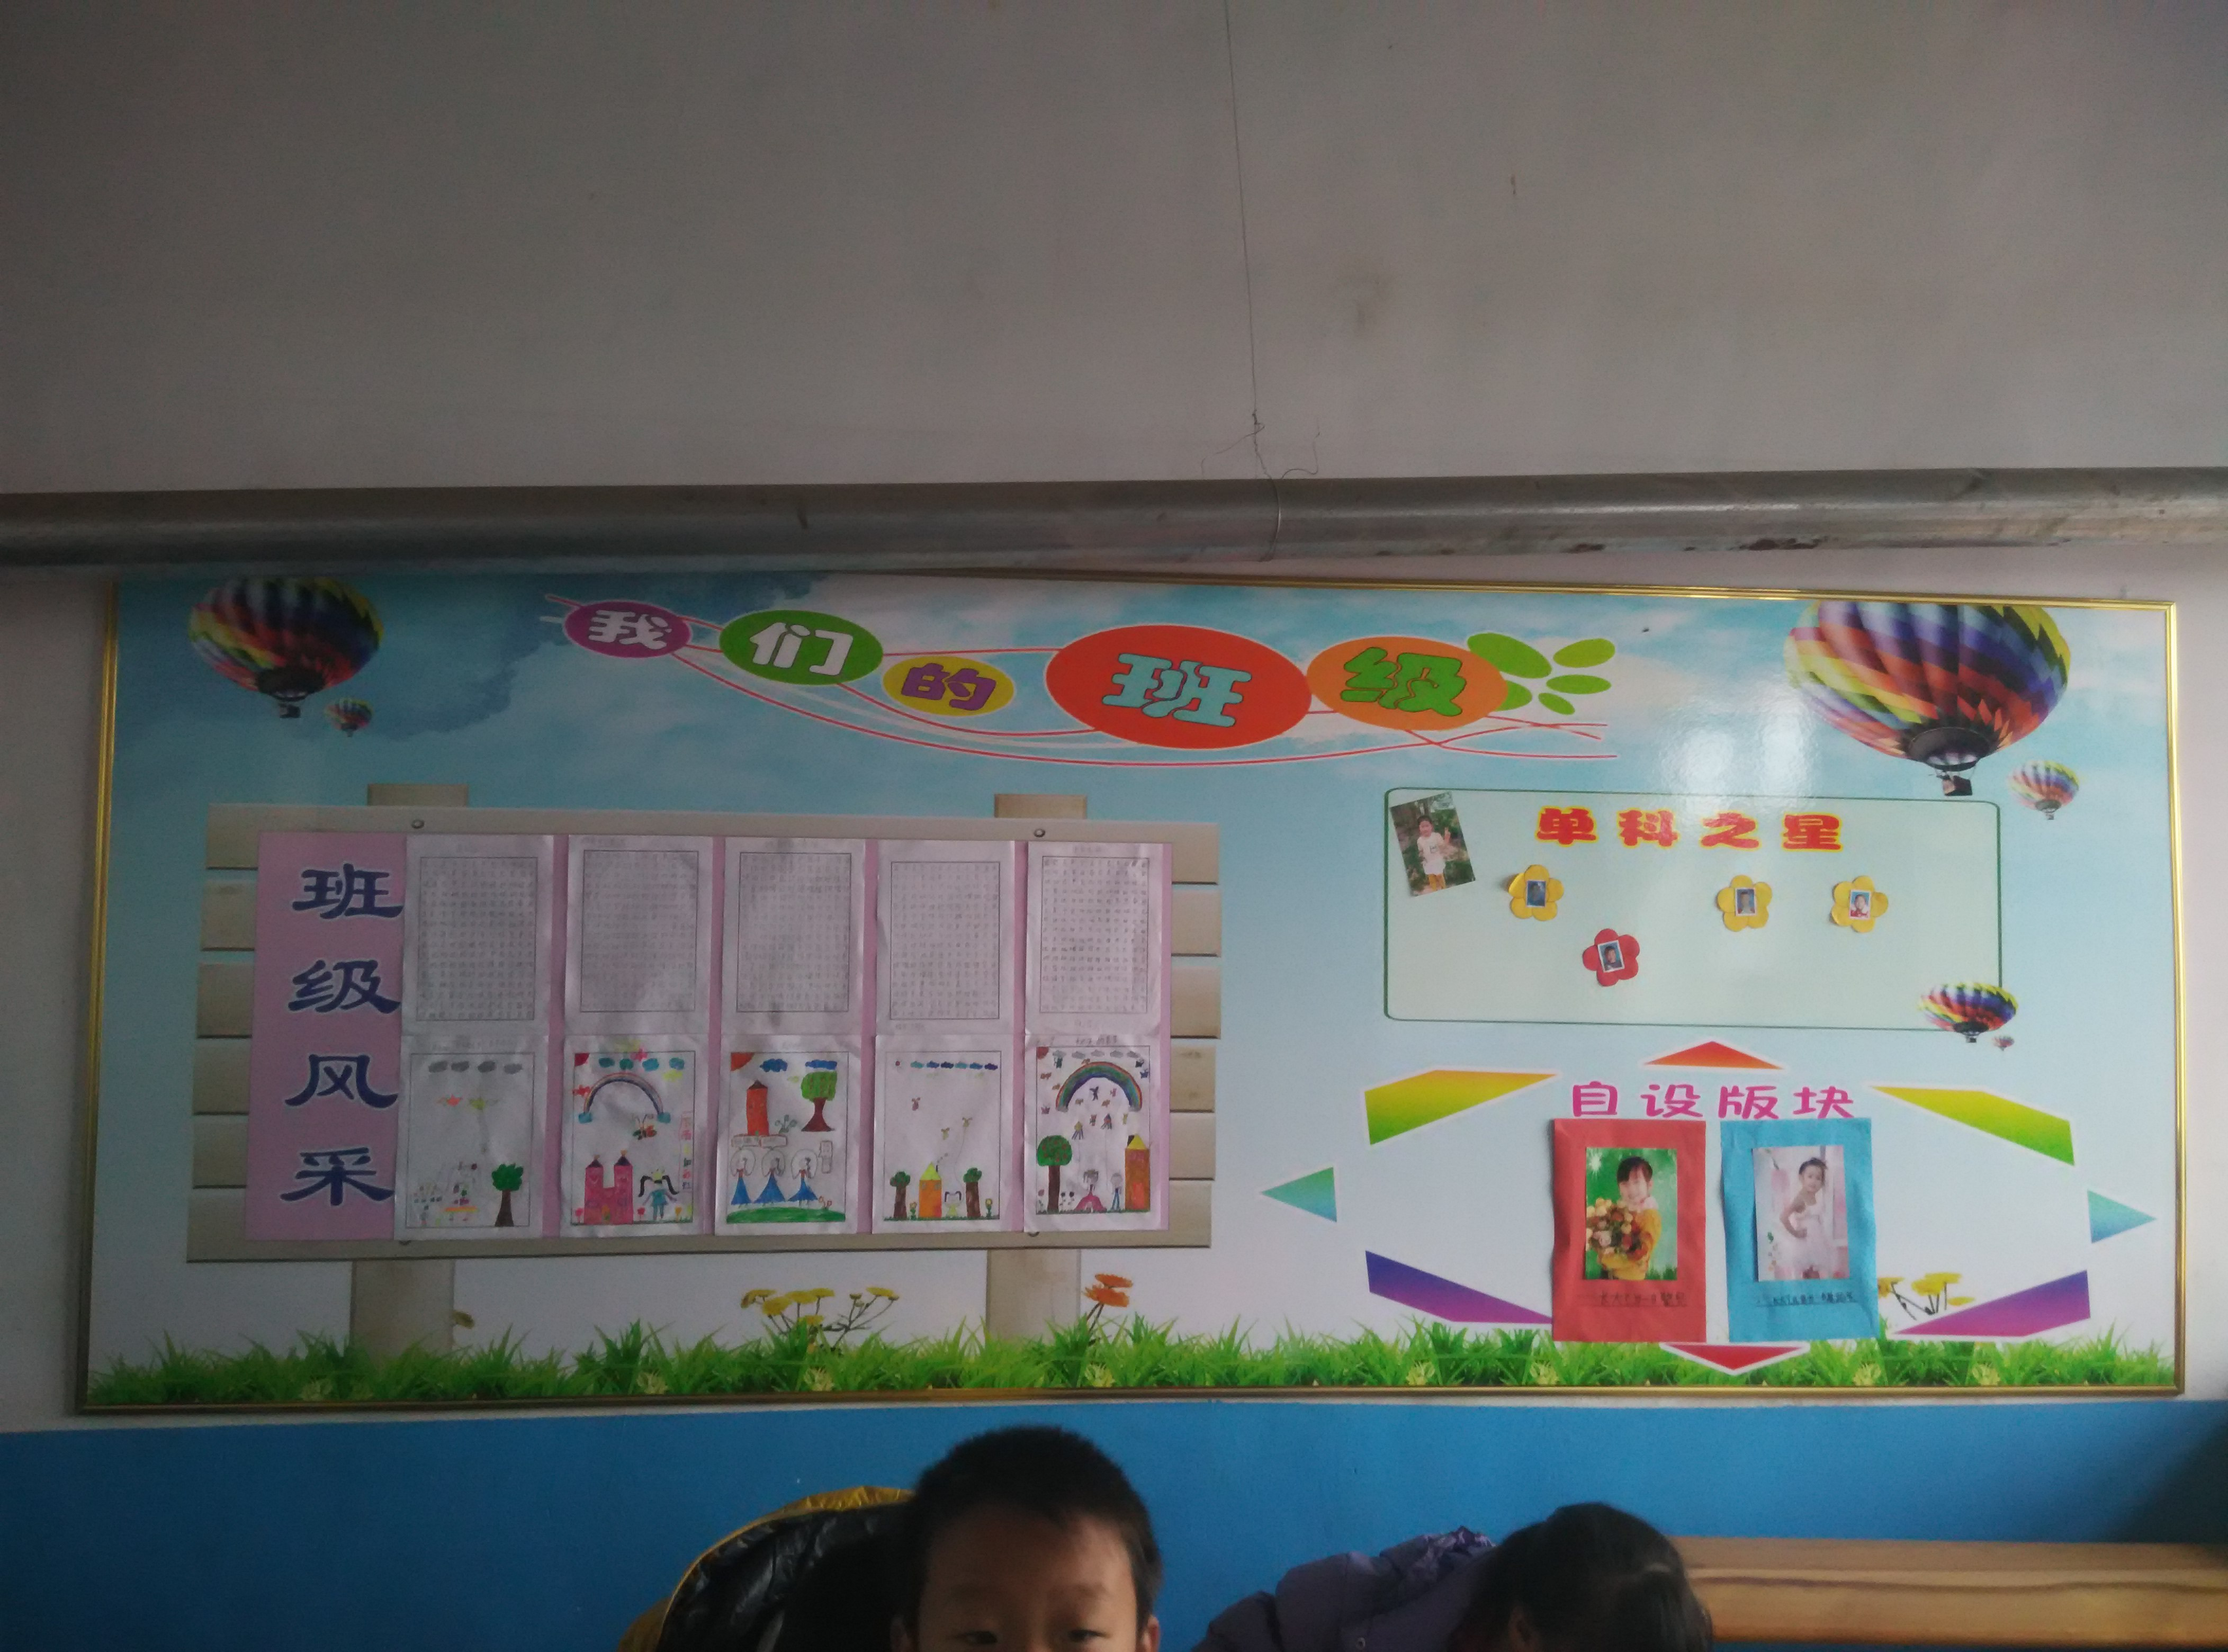 小学五年级春节教室布置